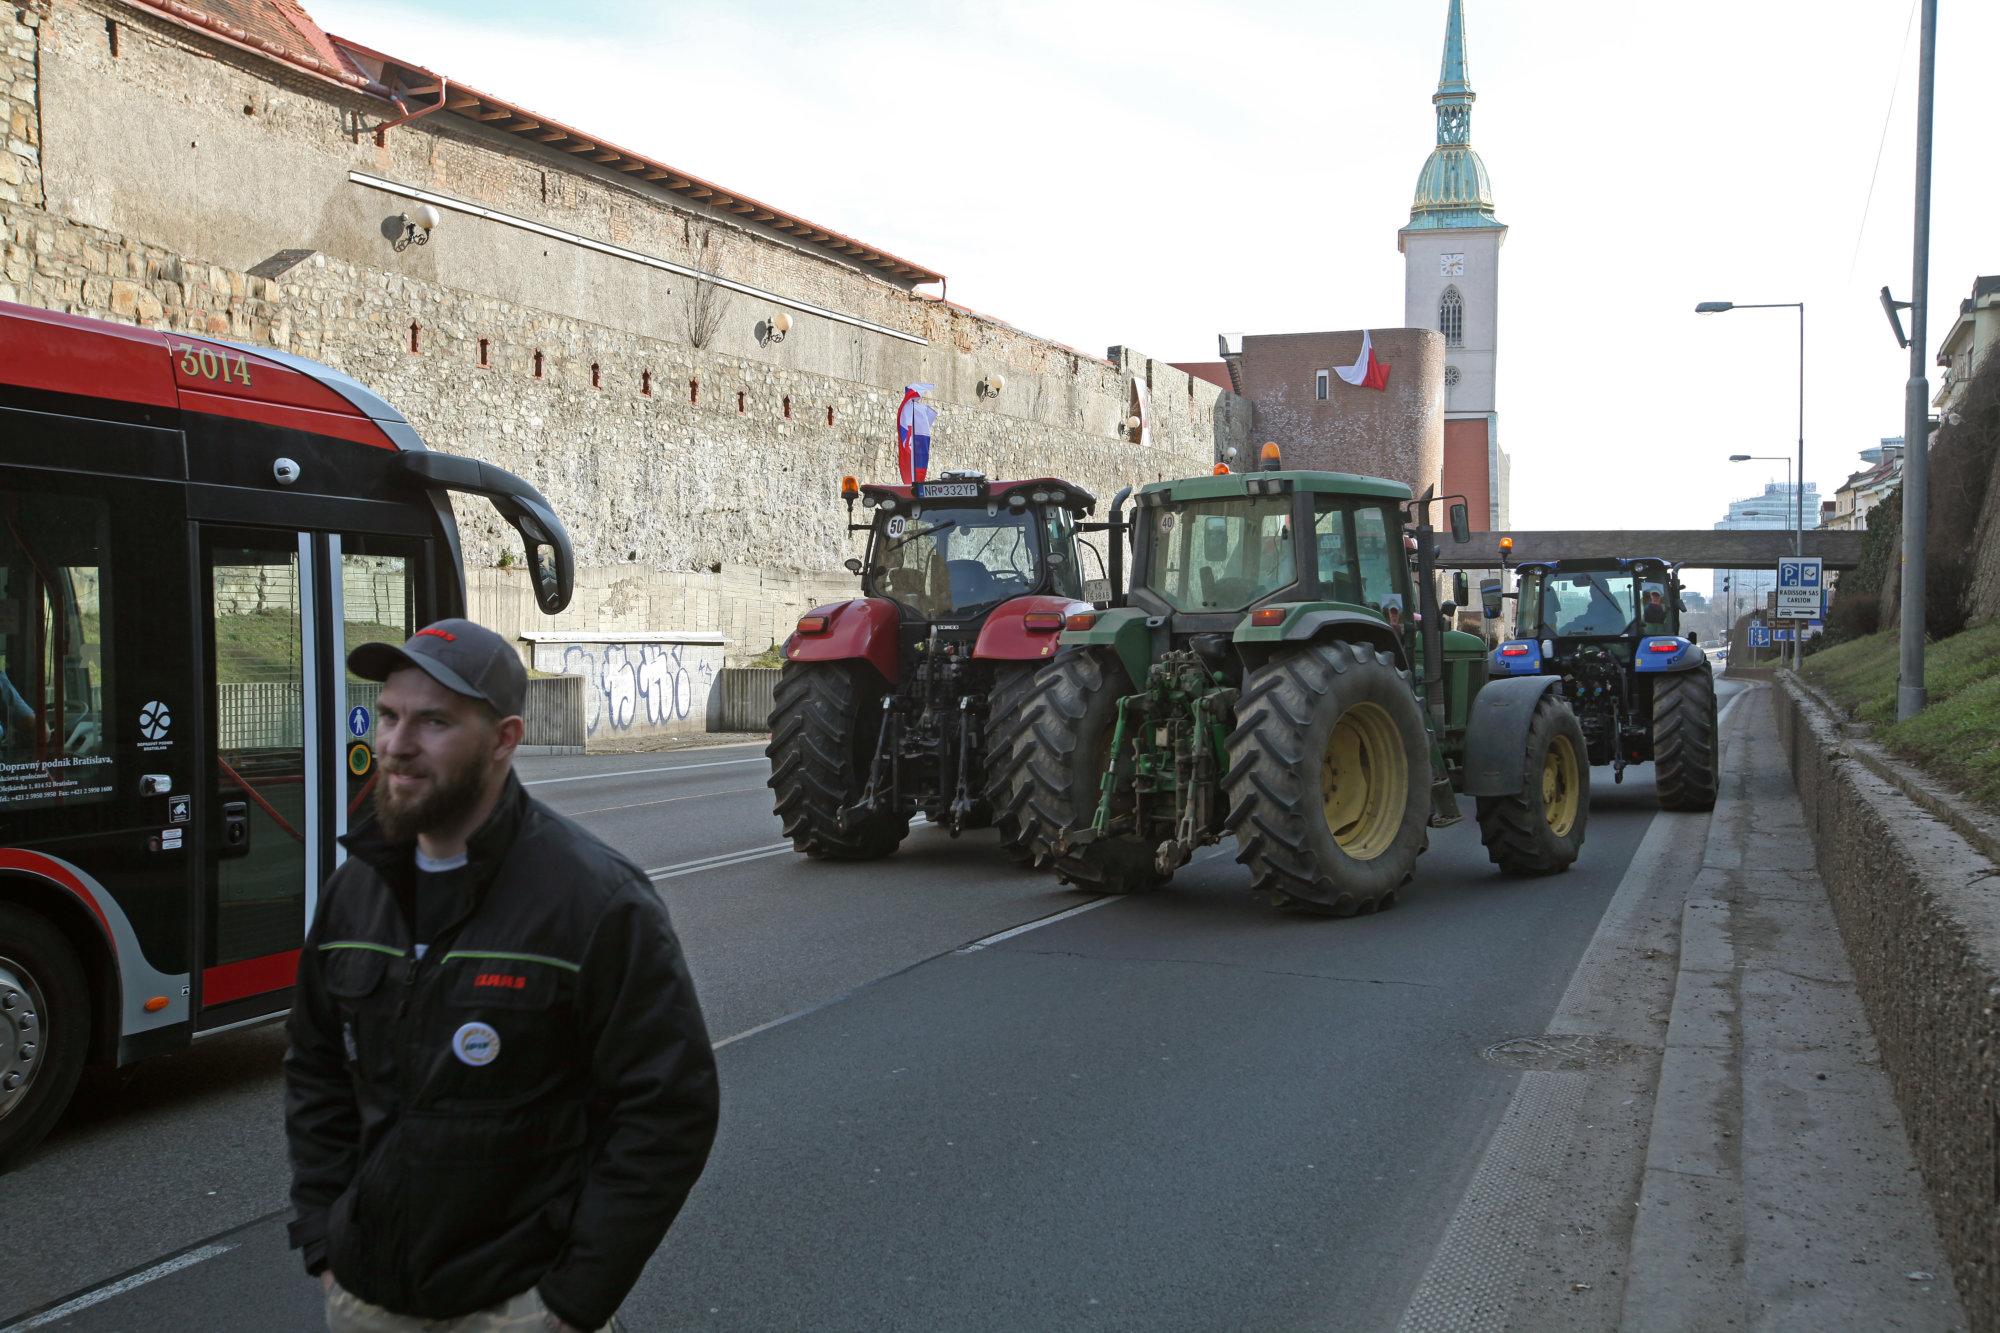 Farmári už nebudú blokovať Bratislavu, idú domov asľubujú veľký štrajk - Denník N